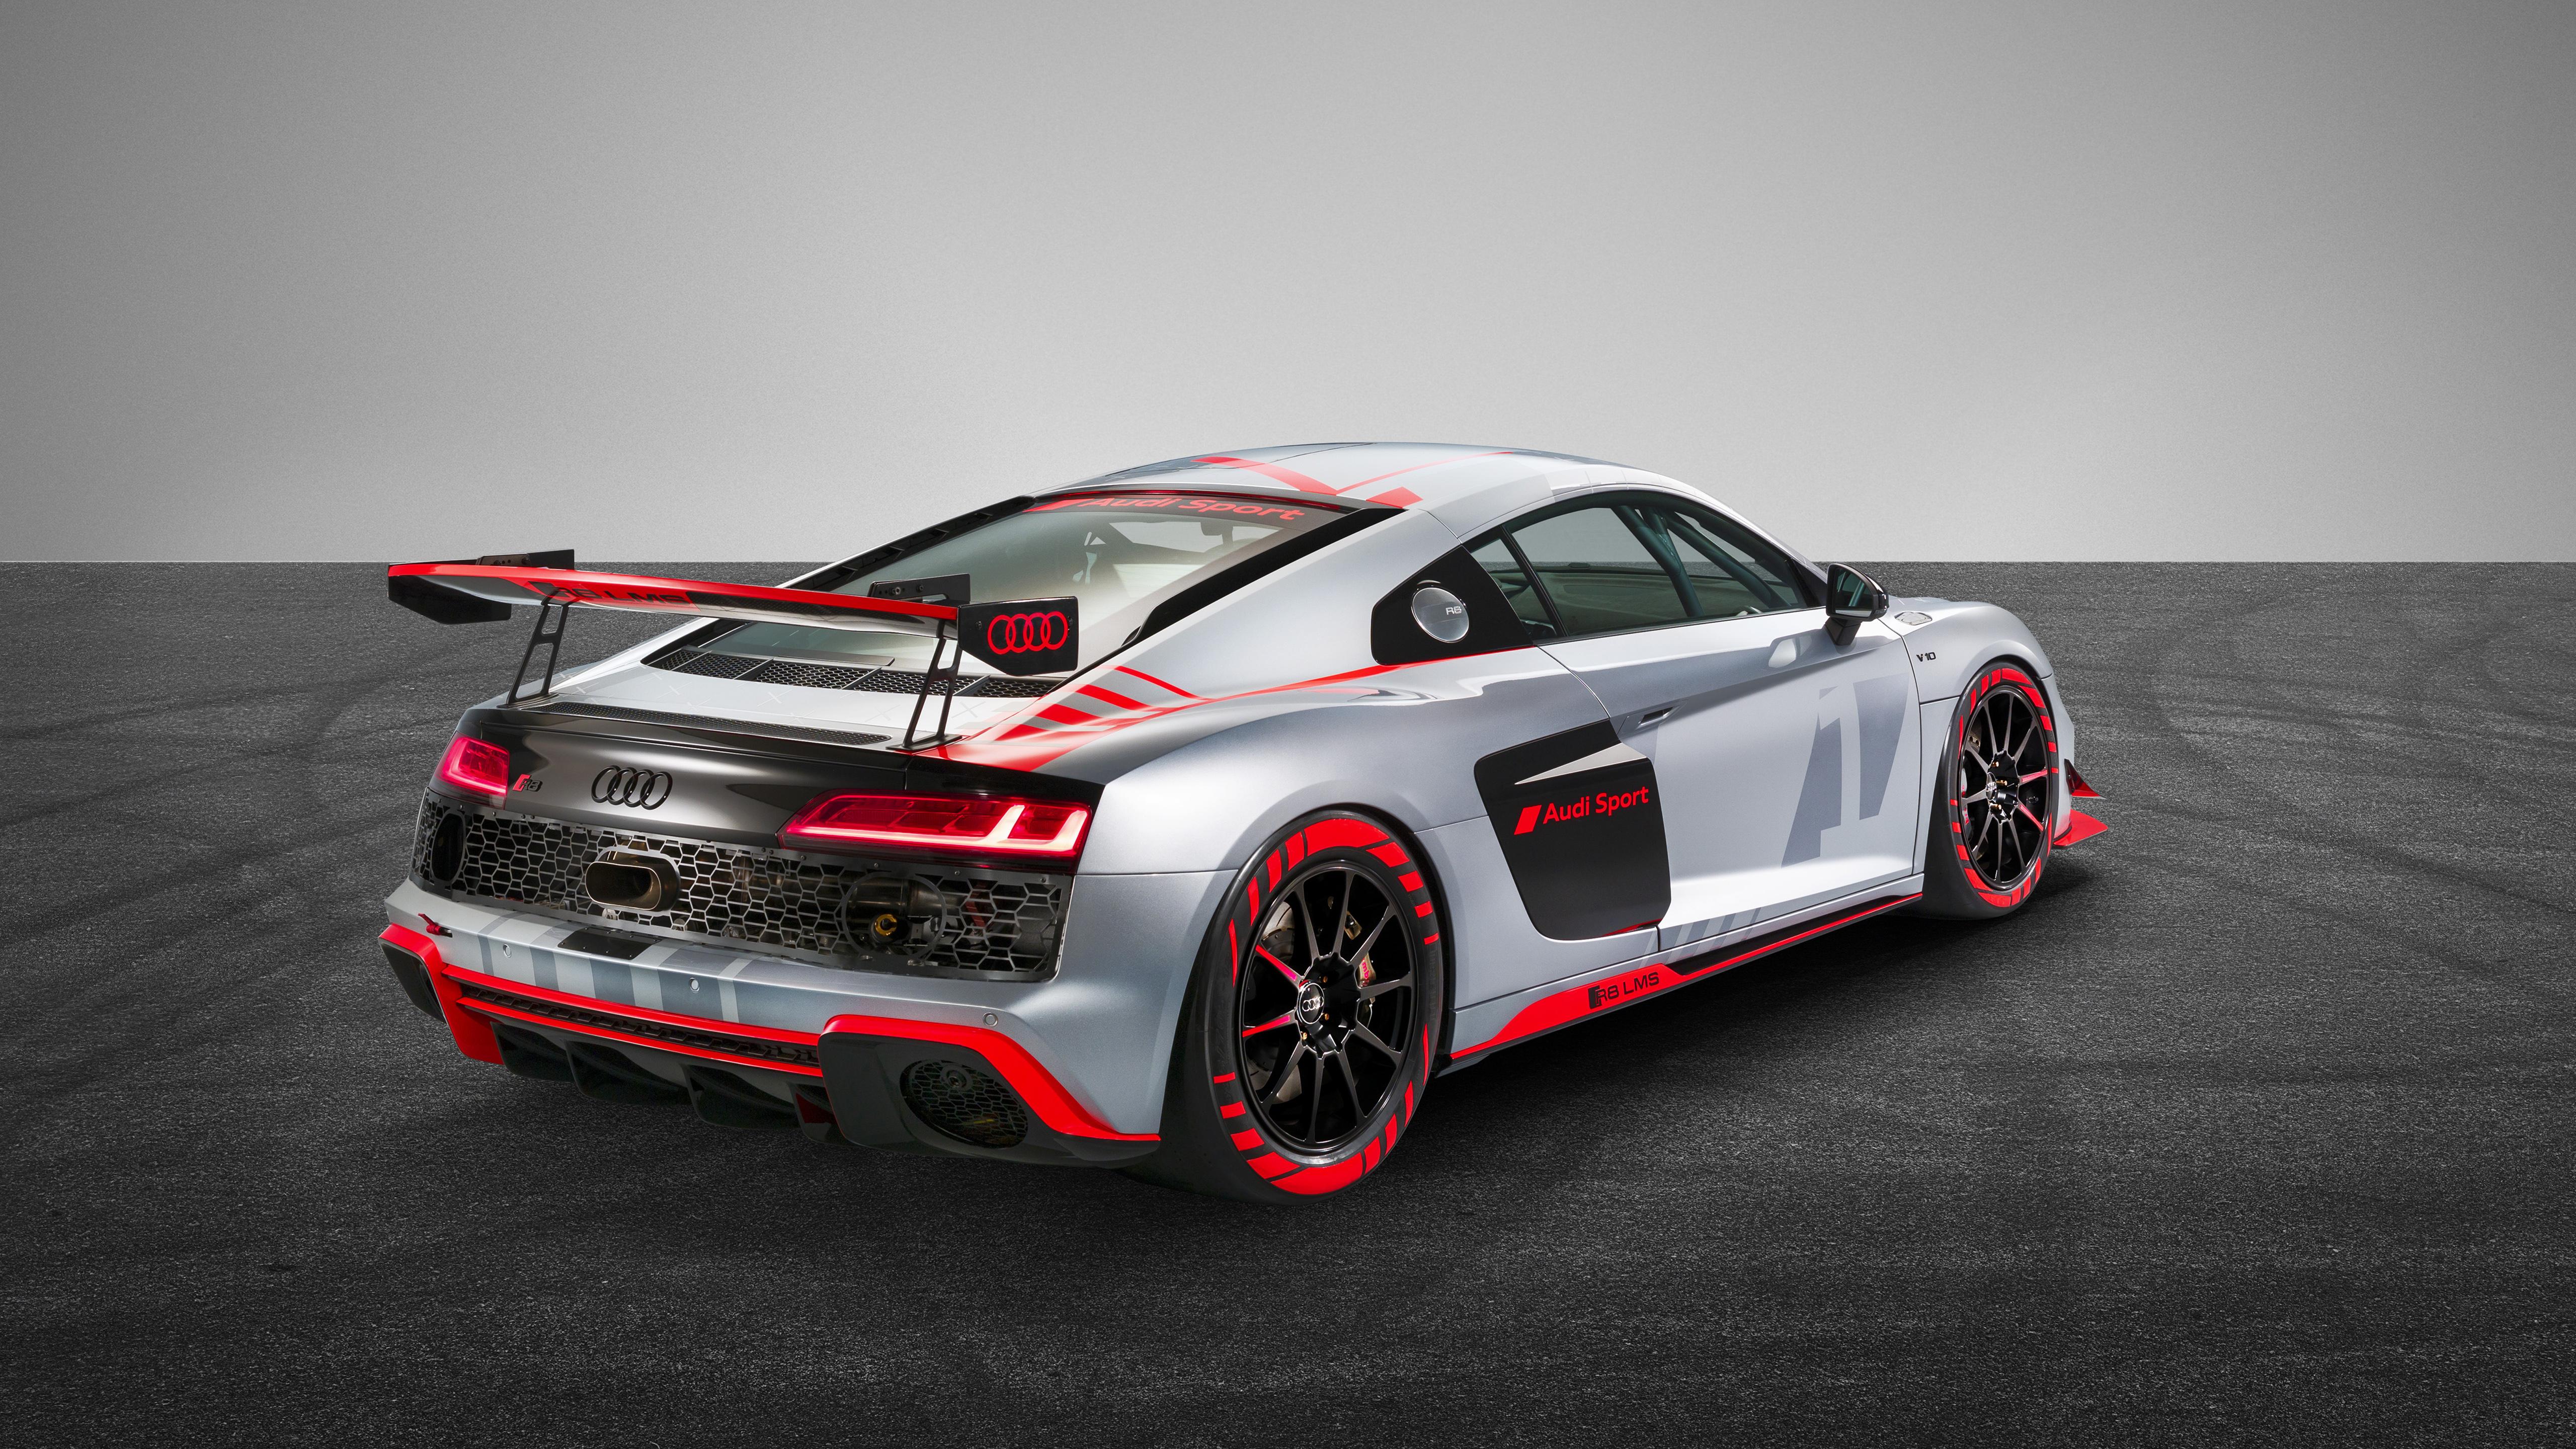 Audi R8 Lms Gt4 2019 4k 3 Wallpaper Hd Car Wallpapers Id 13605